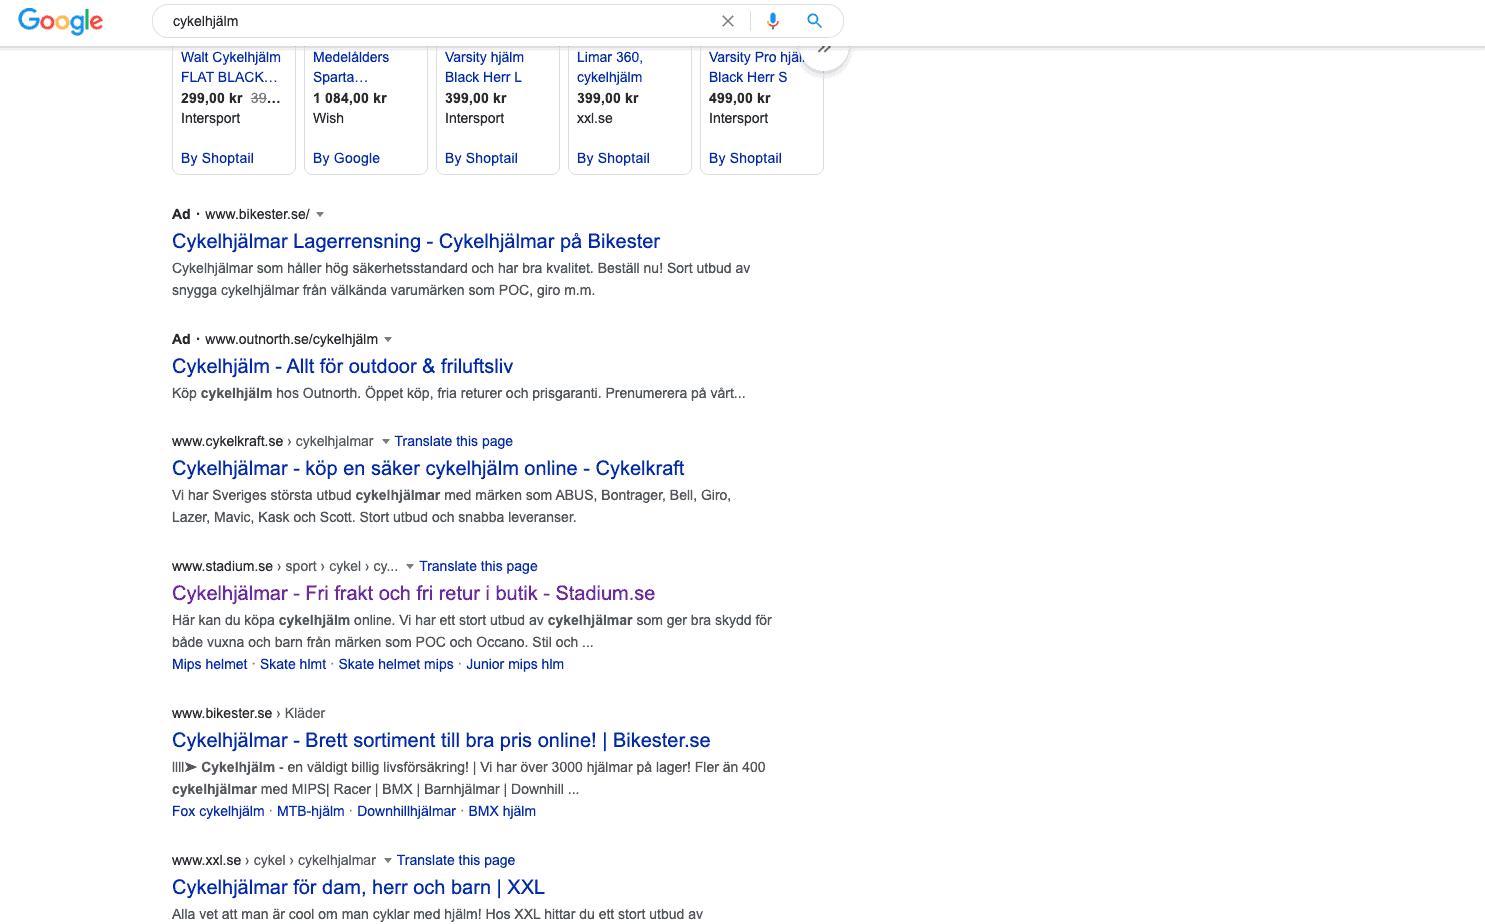 Google's sökresultat för sökordet cykelhjälm